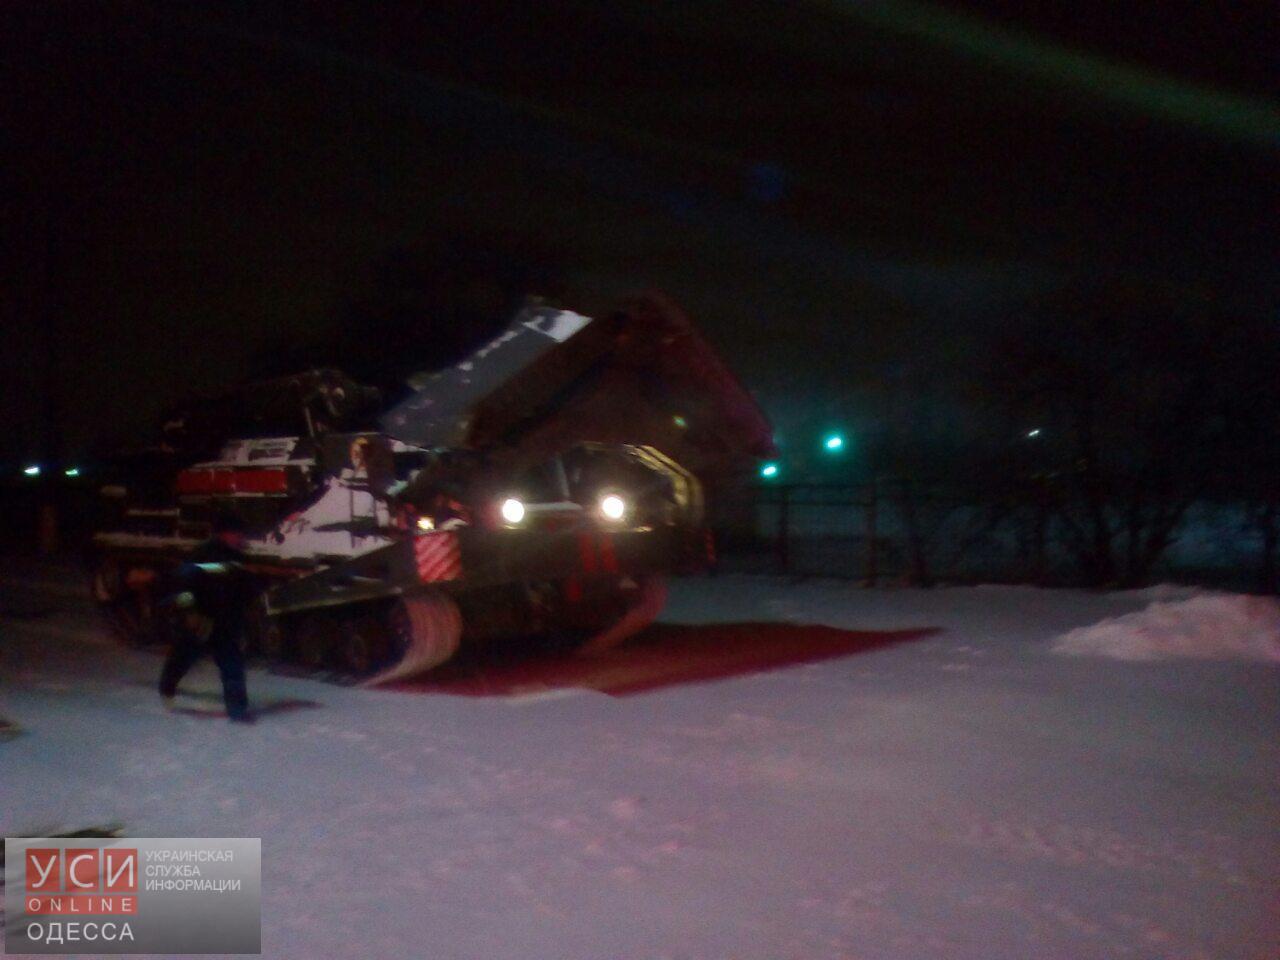 Метель продолжается в Одесской области: из снежных заторов уже спасли более 500 человек (фото)